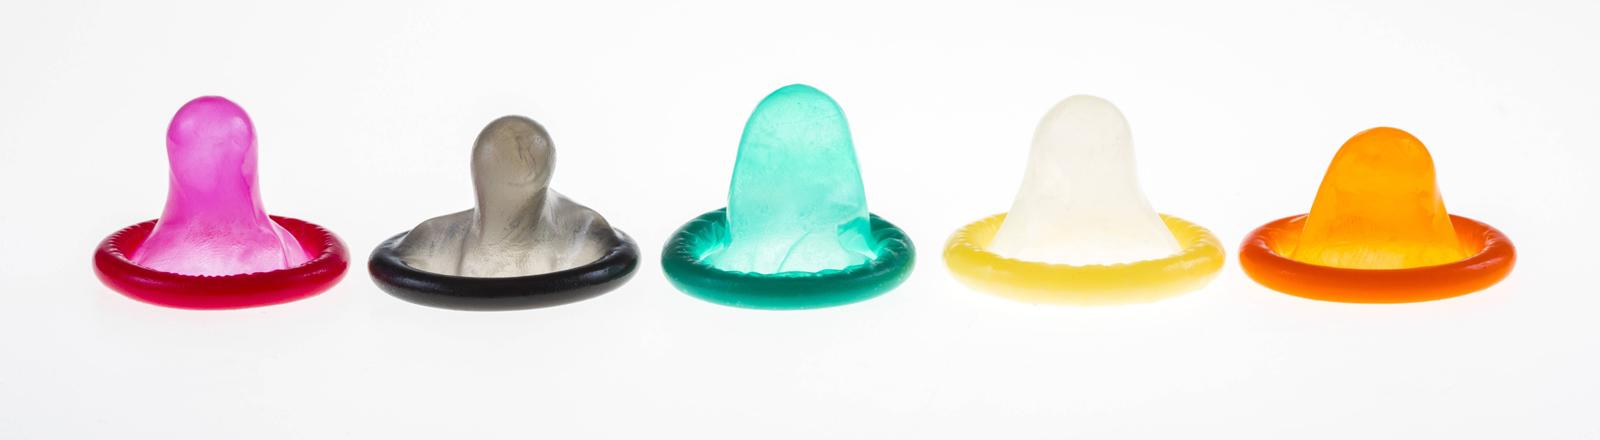 Mehrere bunte Kondome in einer Reihe